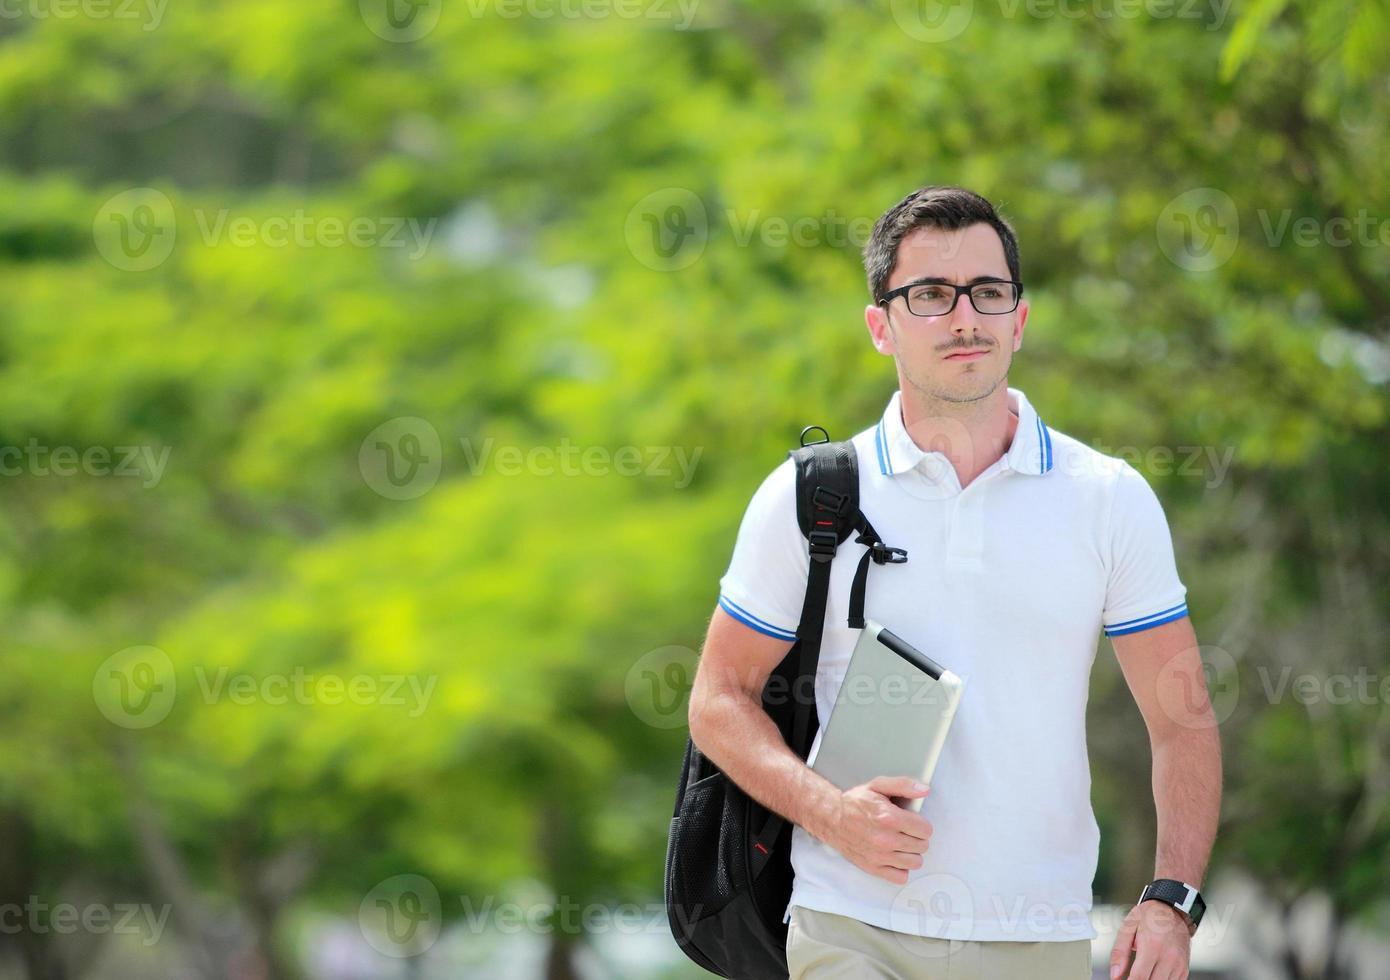 estudiante universitario caminando en el parque foto